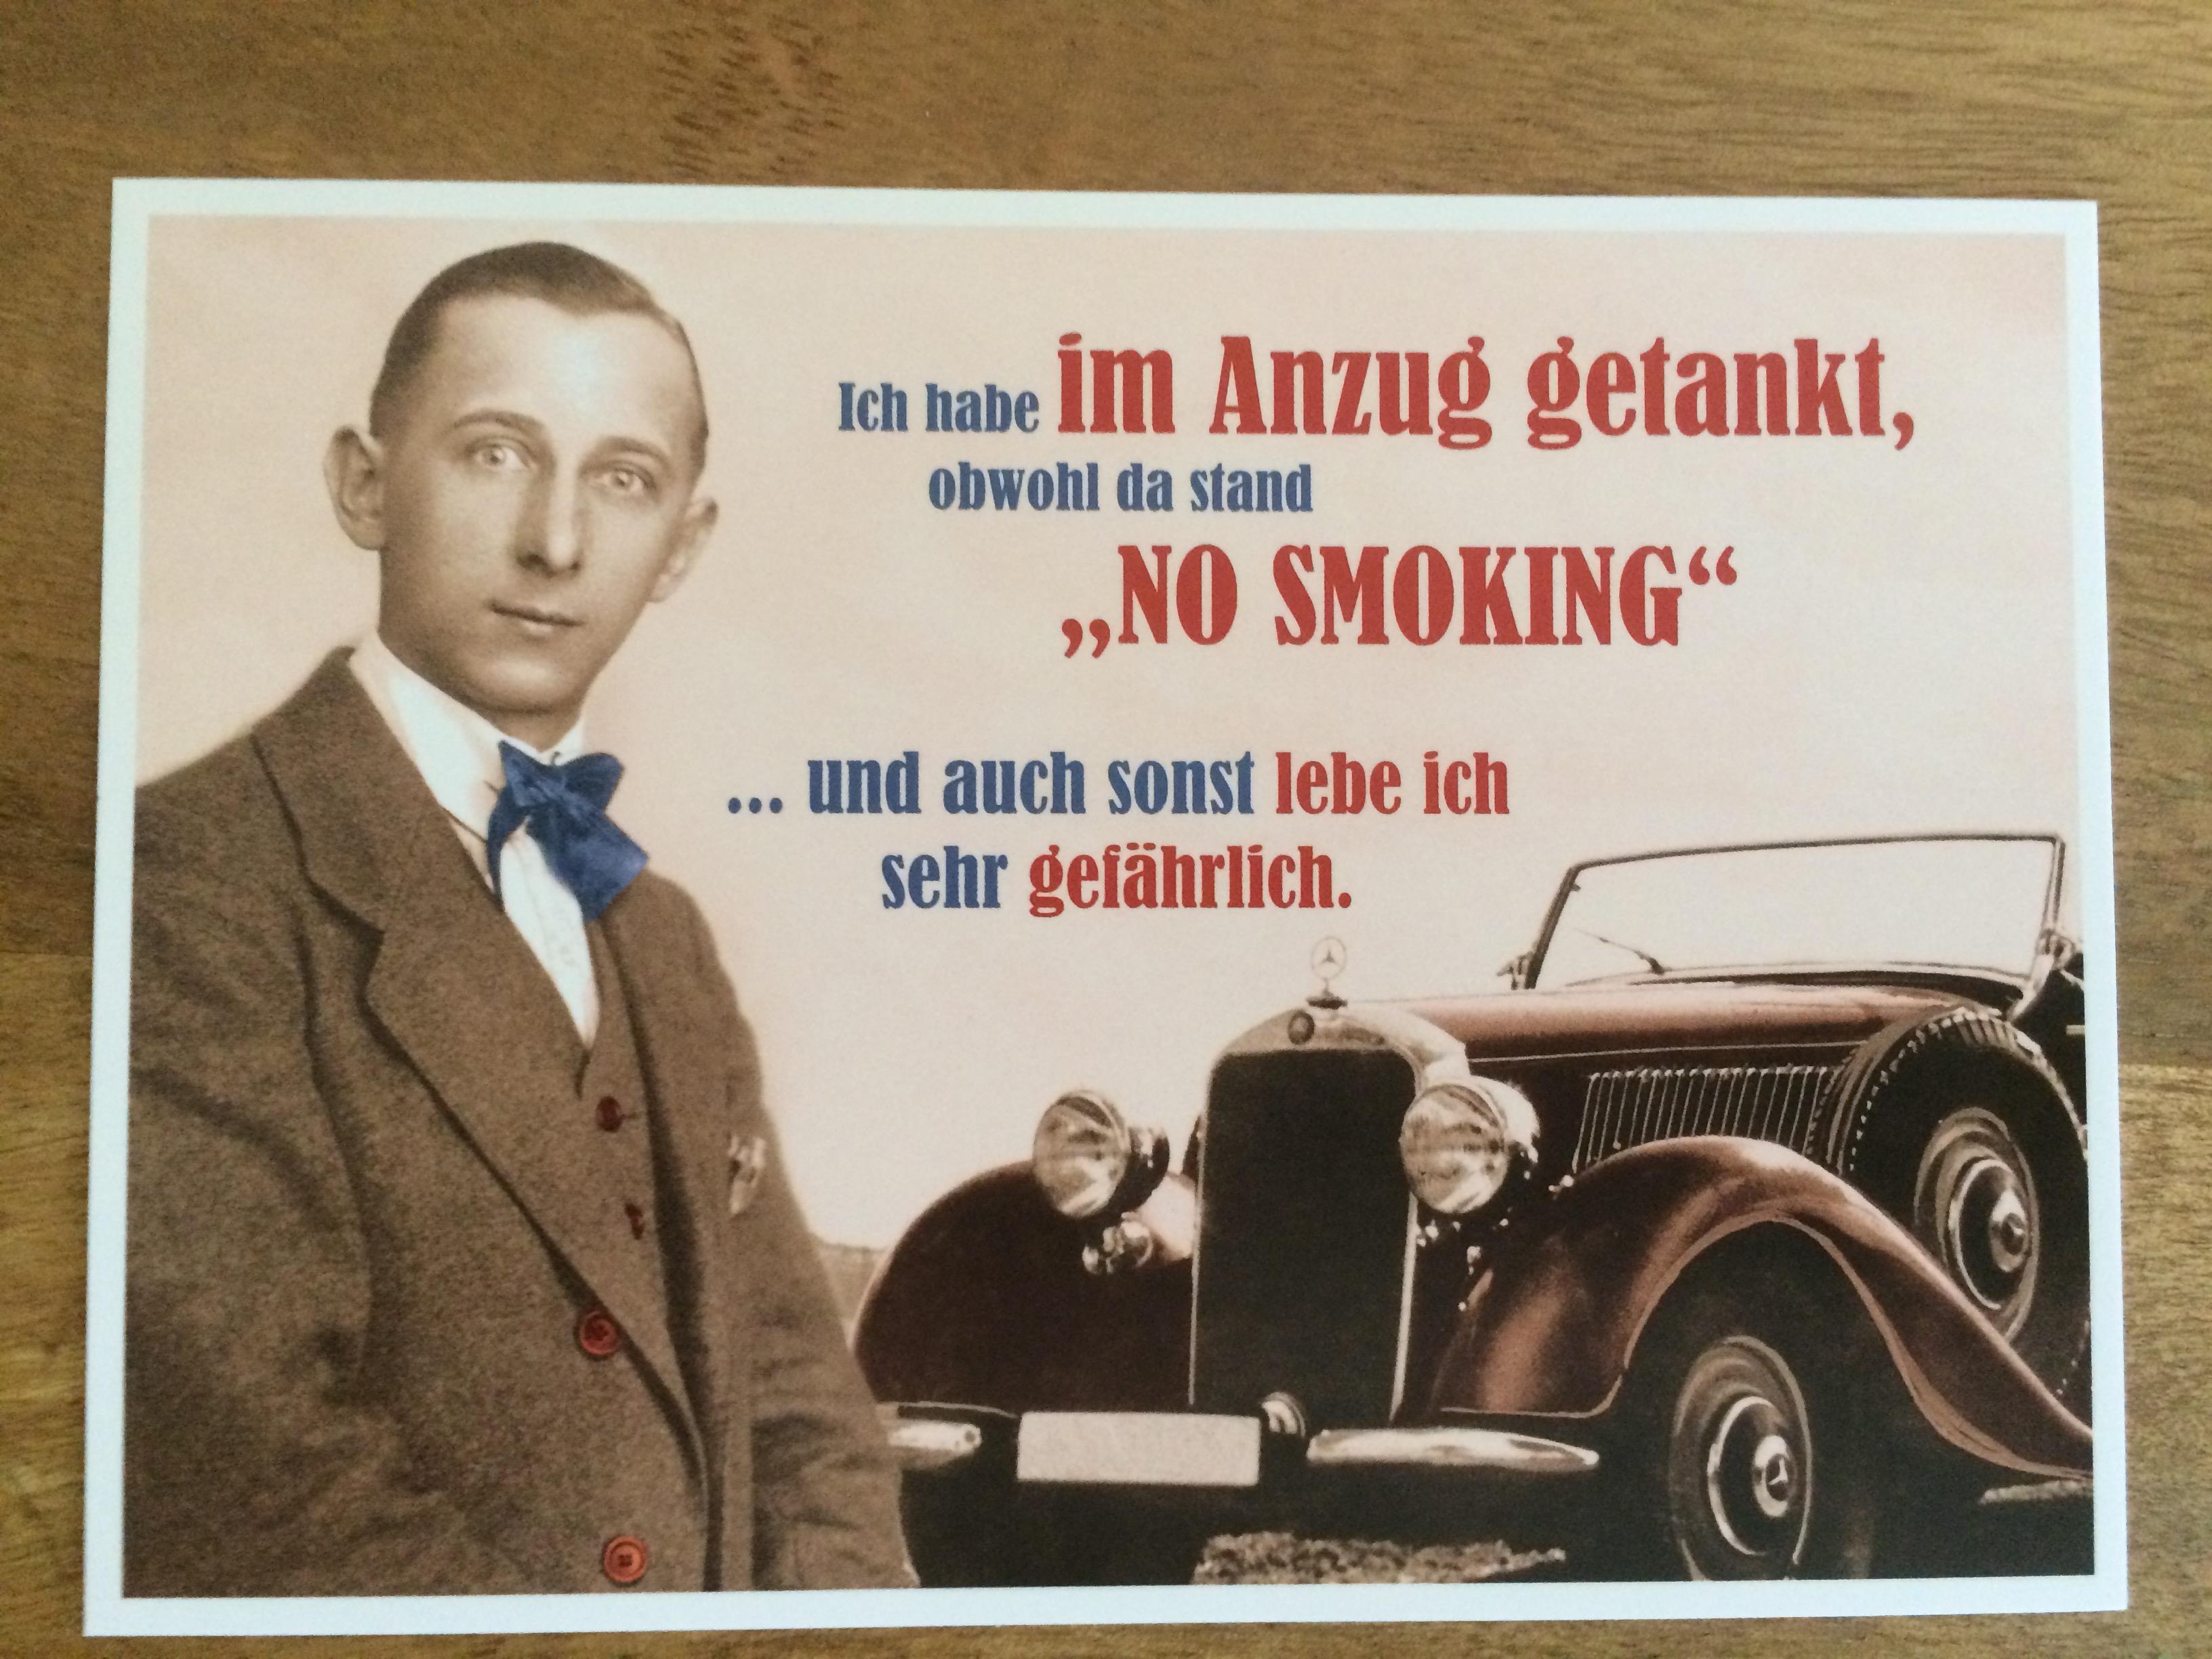 Nützlichgrusskarten - Postkarte Karte Ich habe im Anzug getankt obwohl da stand No smoking ... und auch.... Paloma - Onlineshop Tante Emmer